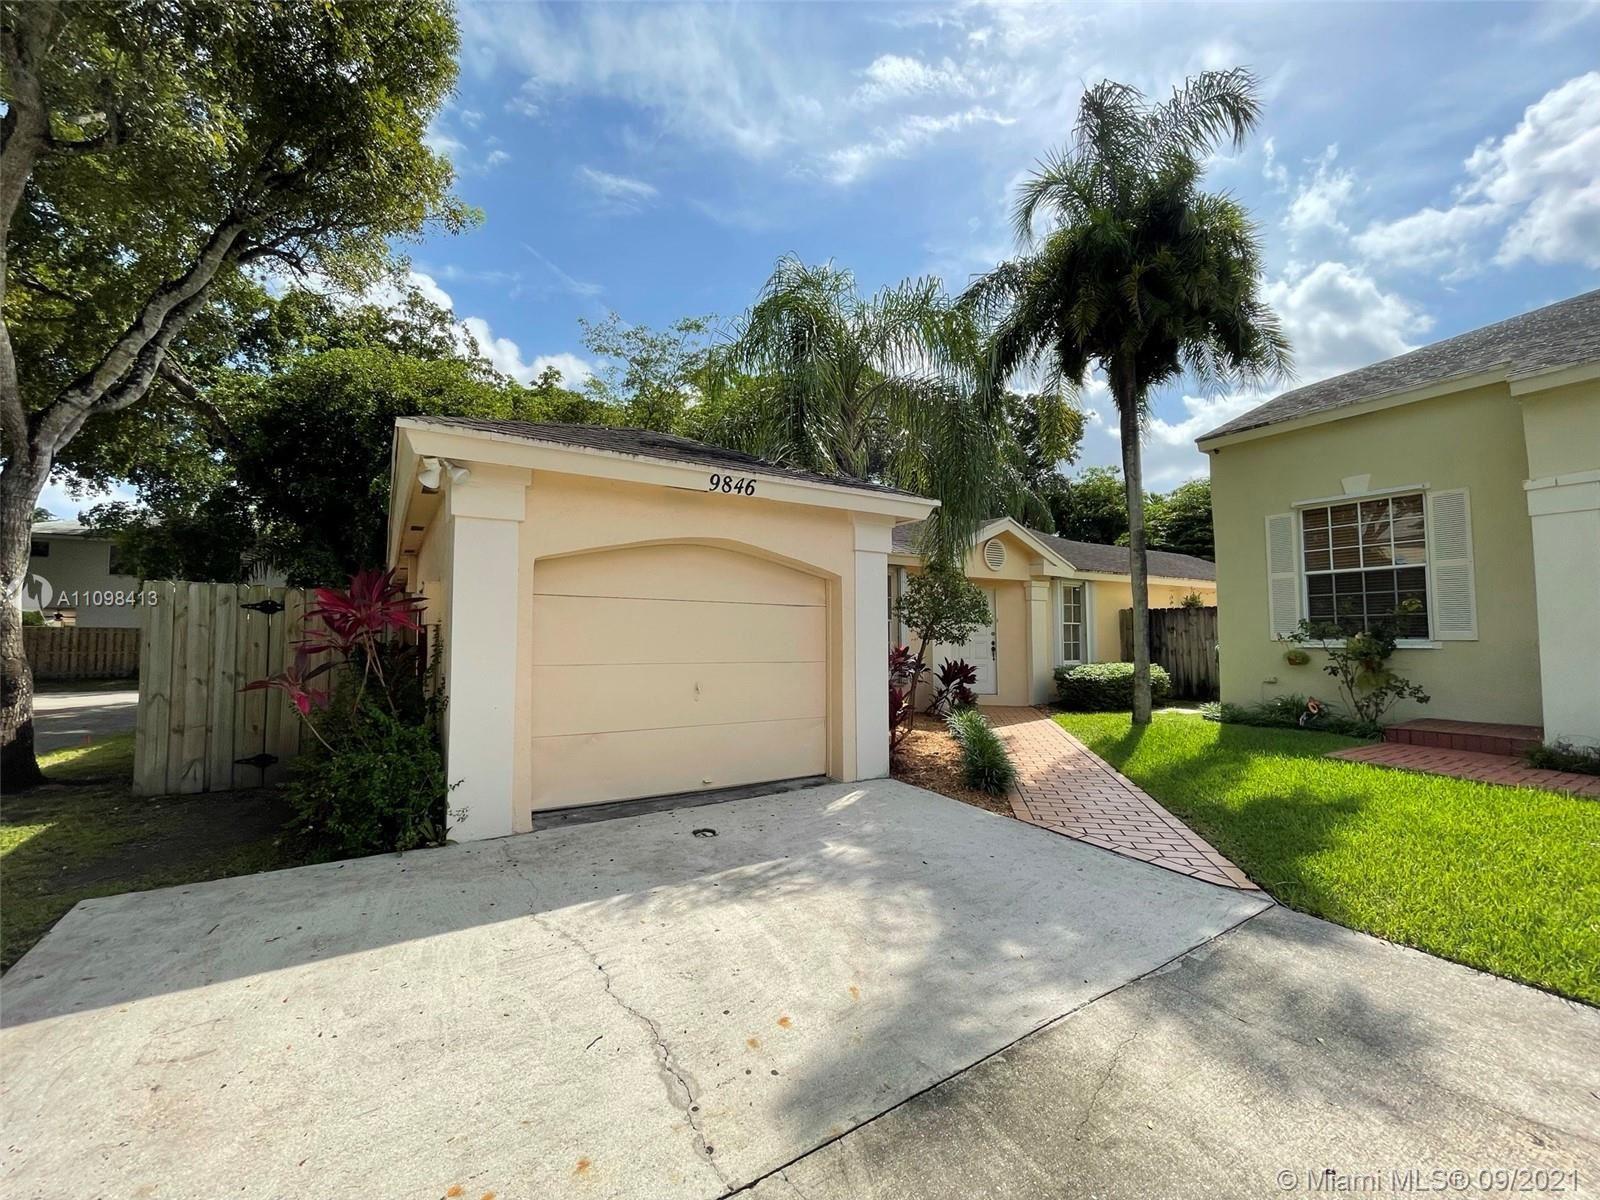 9846 SW 117th Ct, Miami, FL 33186 - #: A11098413